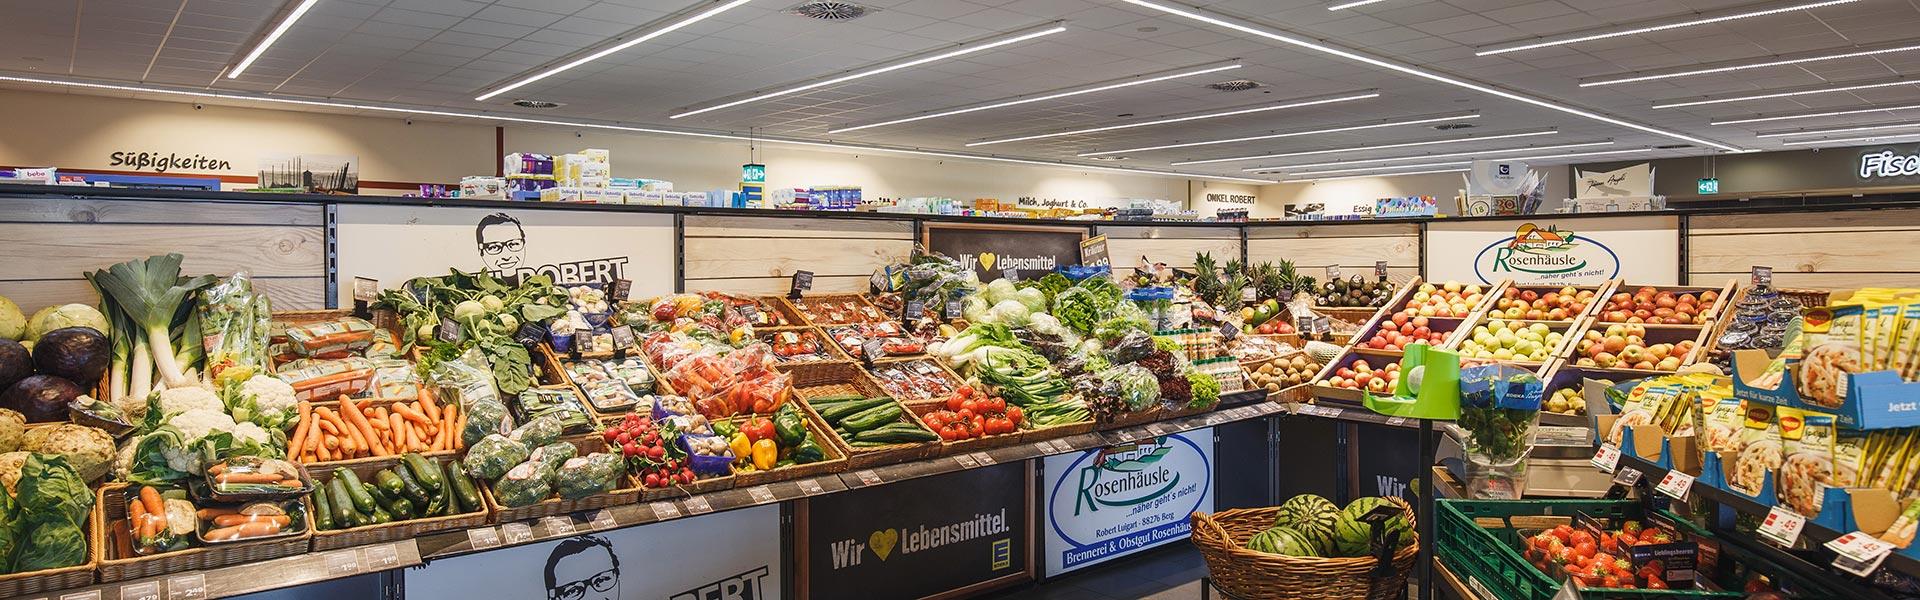 Obst- und Gemüseabteilung bei Onkel Robert